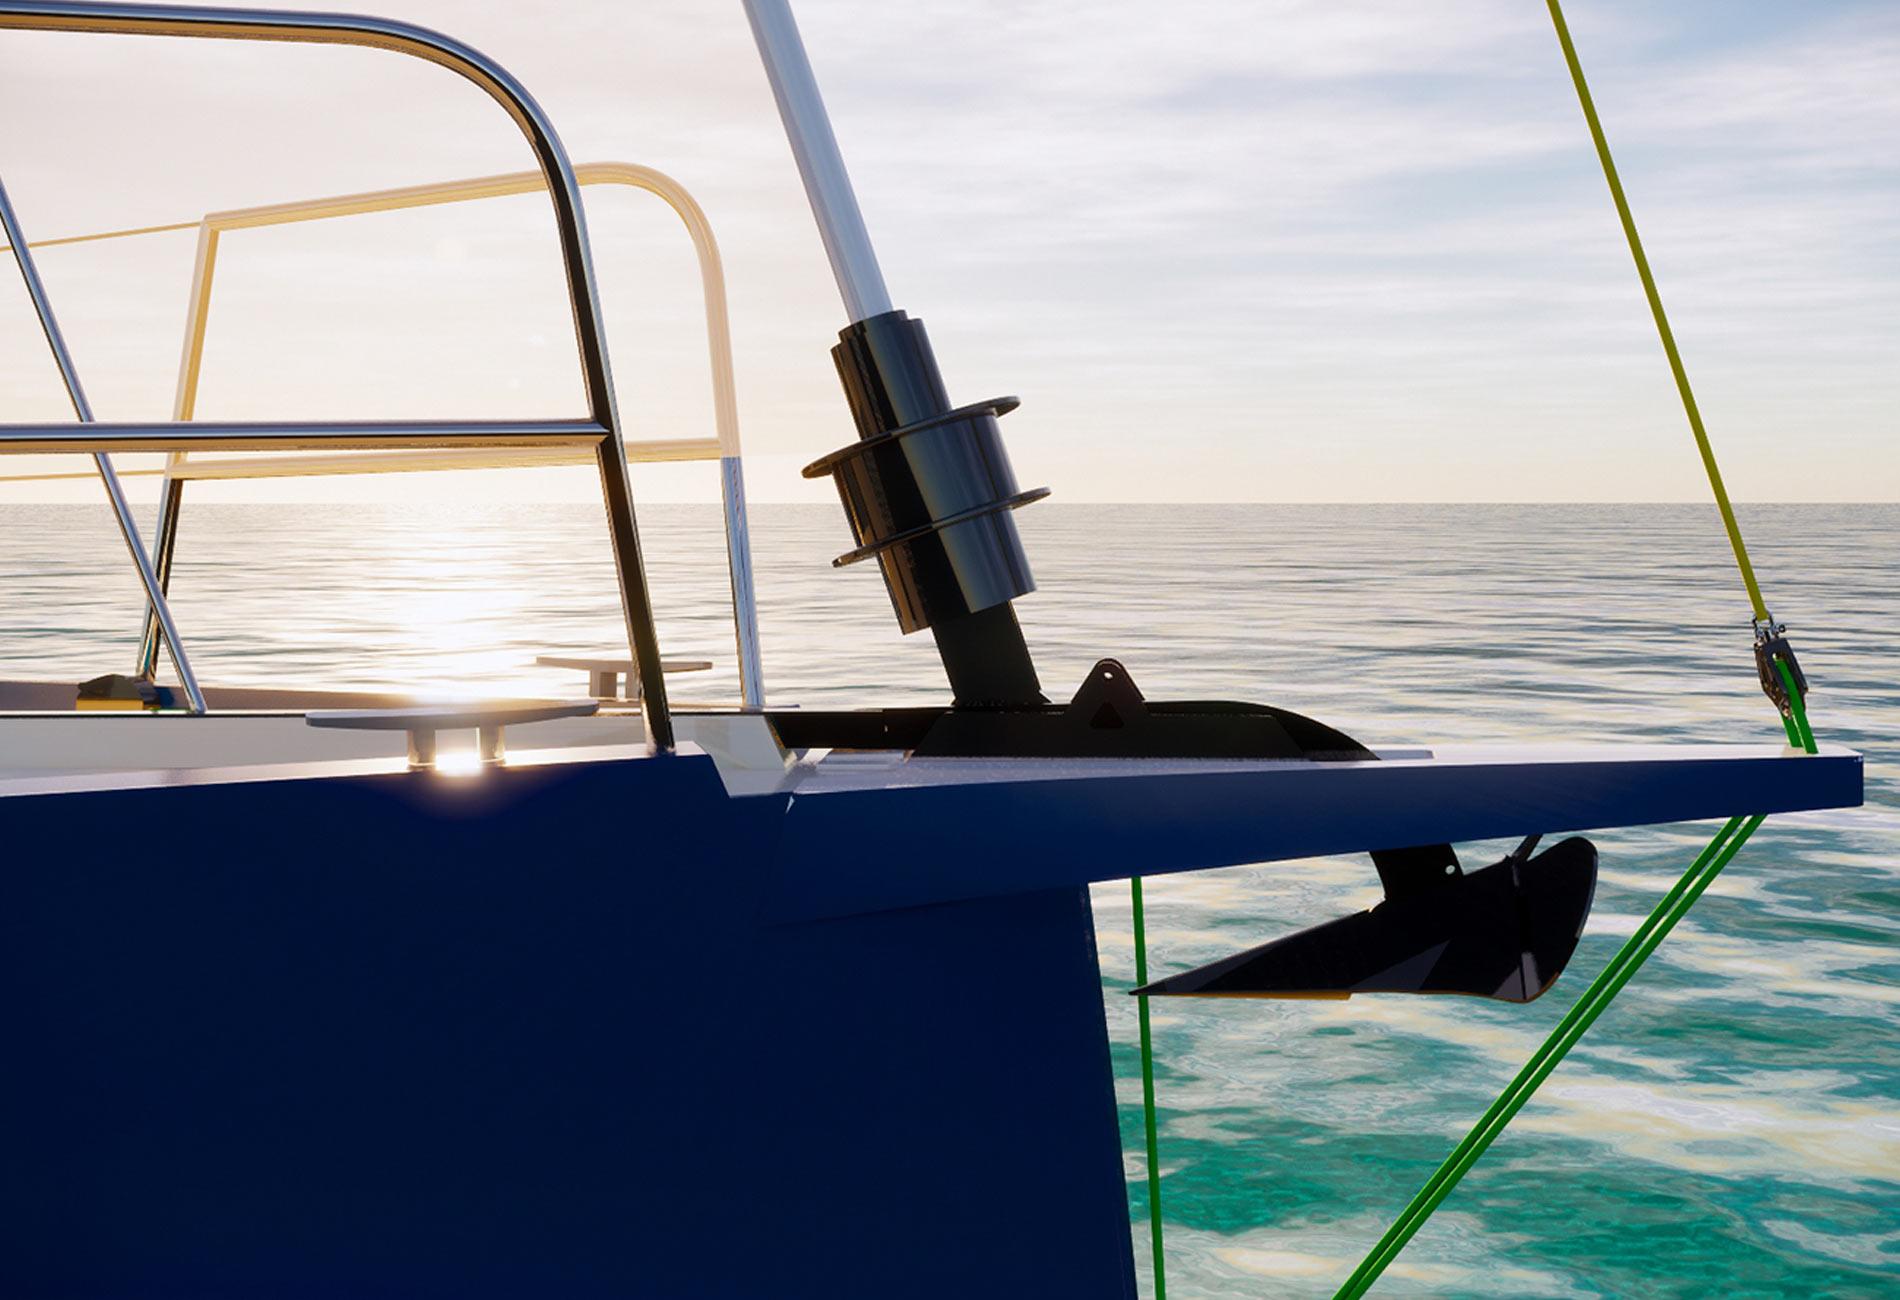 actualité nautique-Sword39-voilier composite sur-mesure-Architecte-naval-Vincent-Lebailly